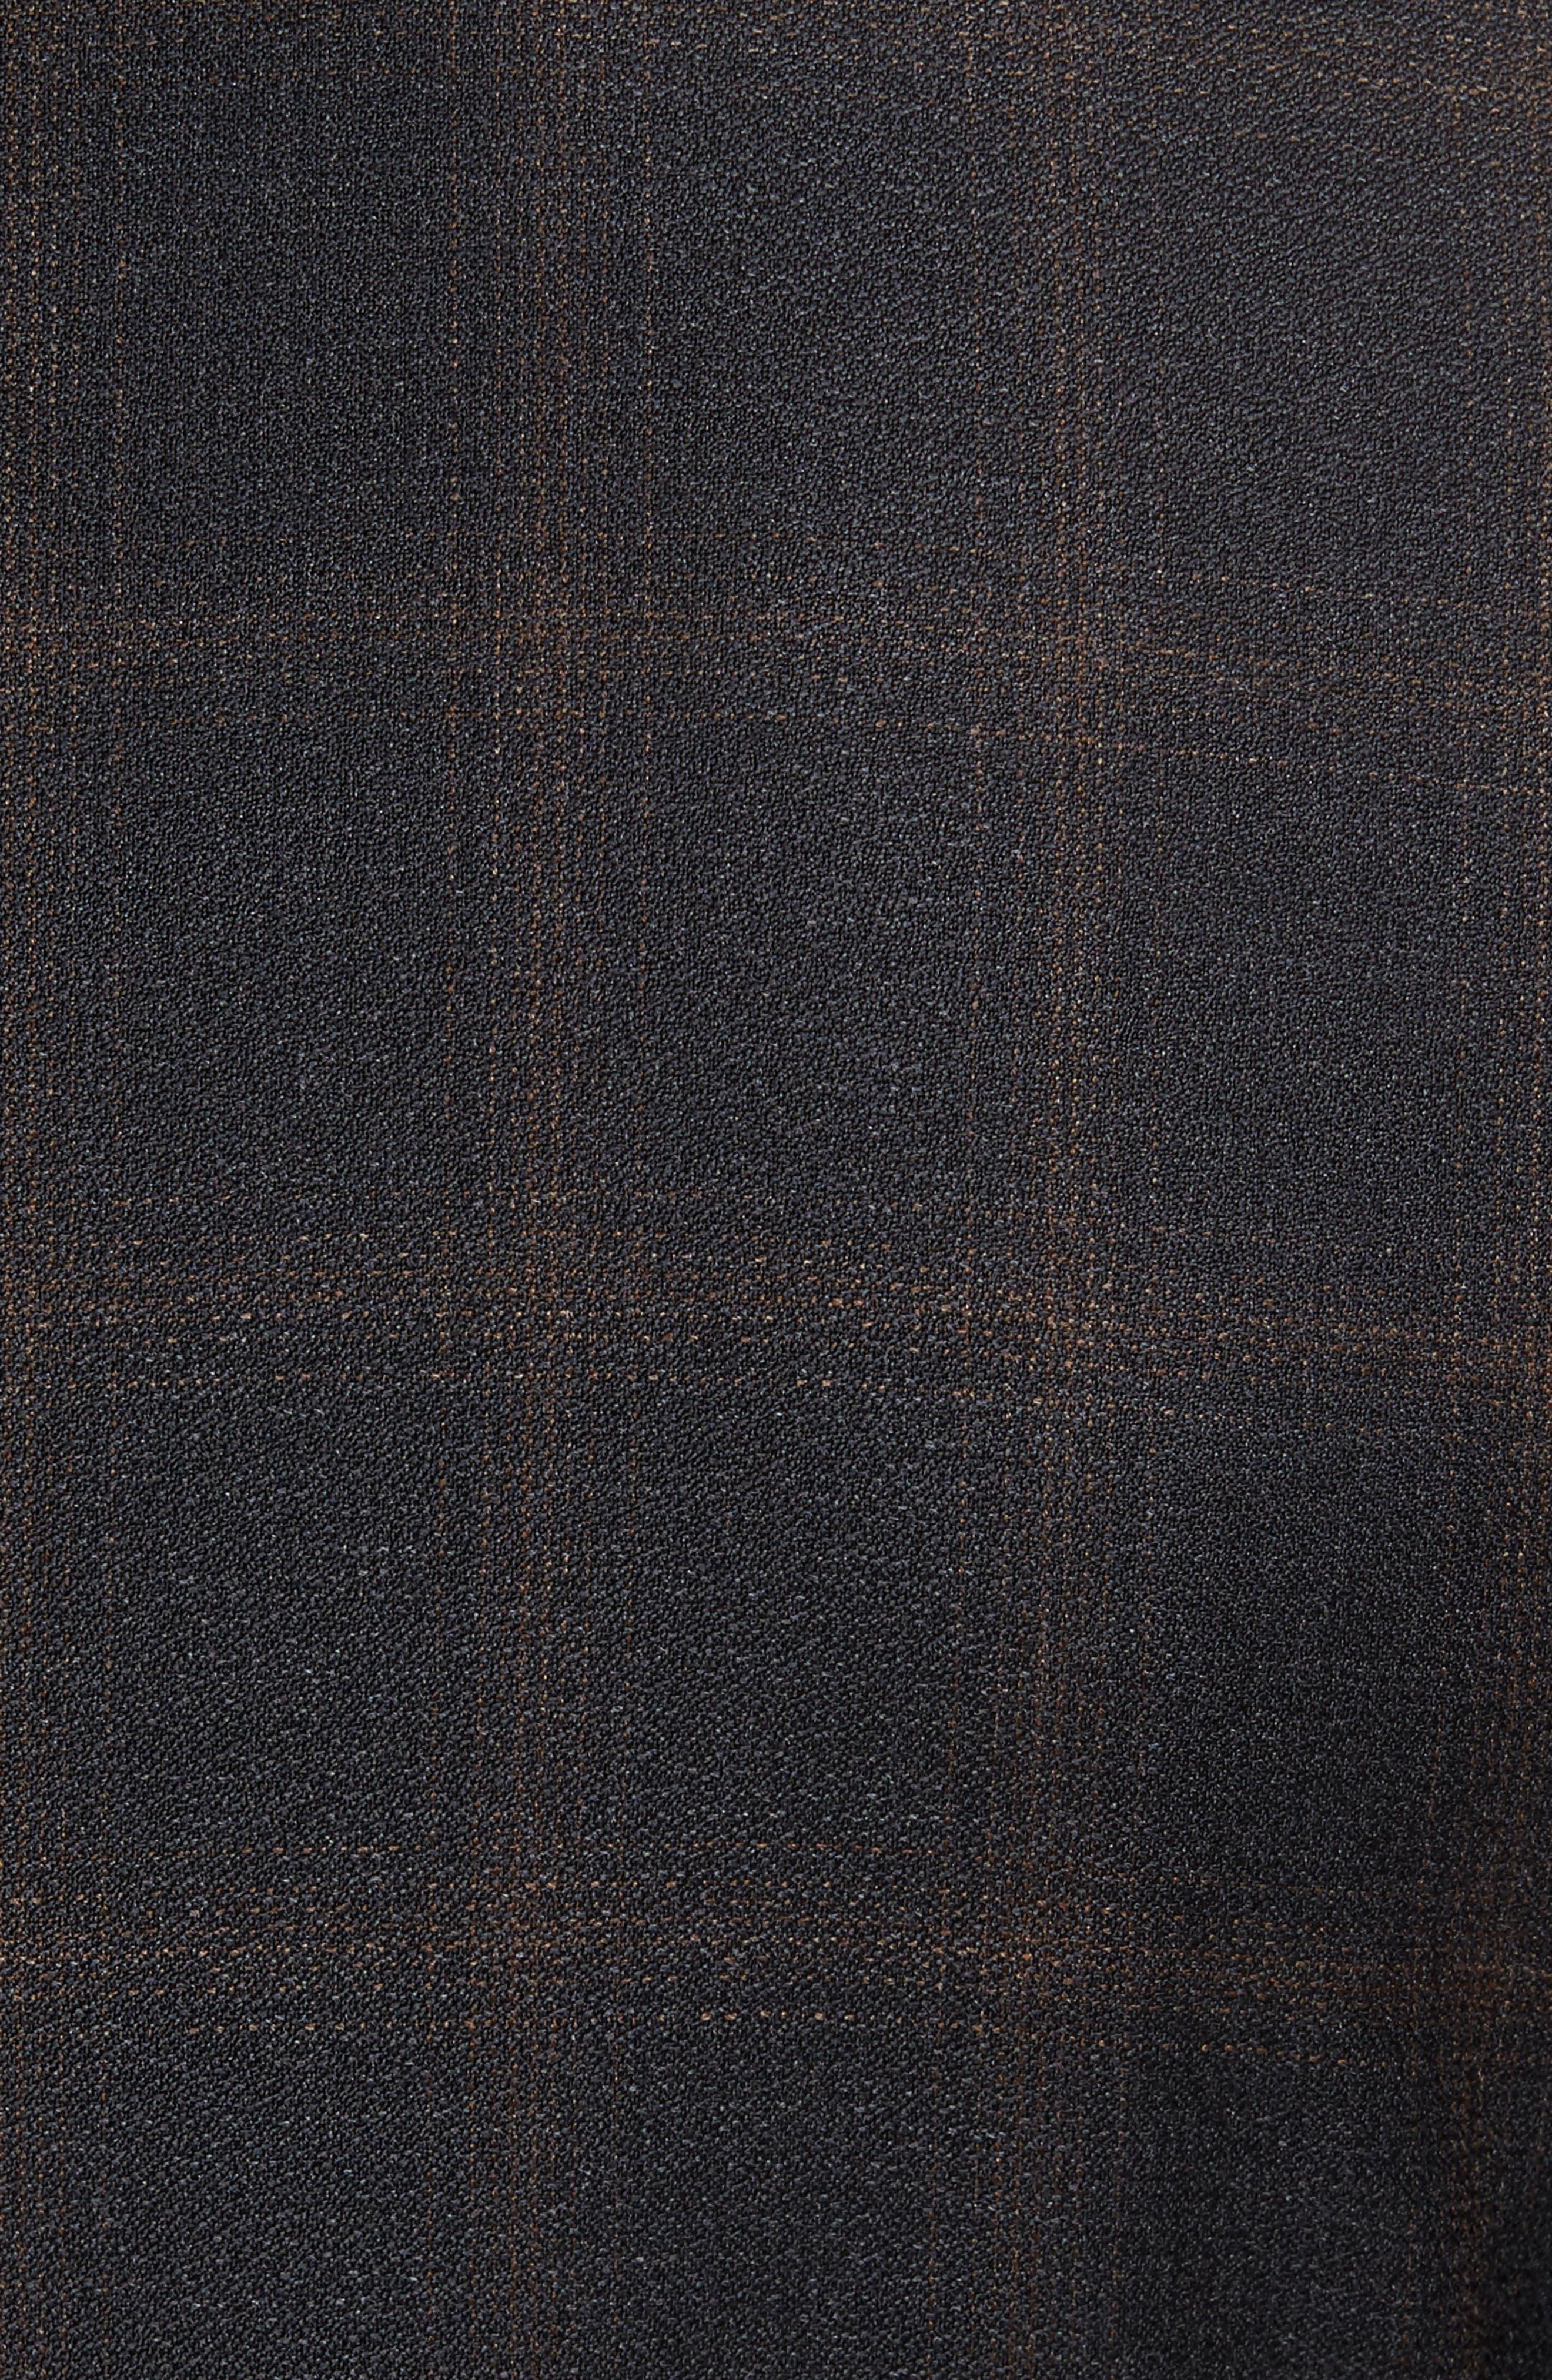 Novan/Ben Trim Fit Plaid Wool Suit,                             Alternate thumbnail 7, color,                             061